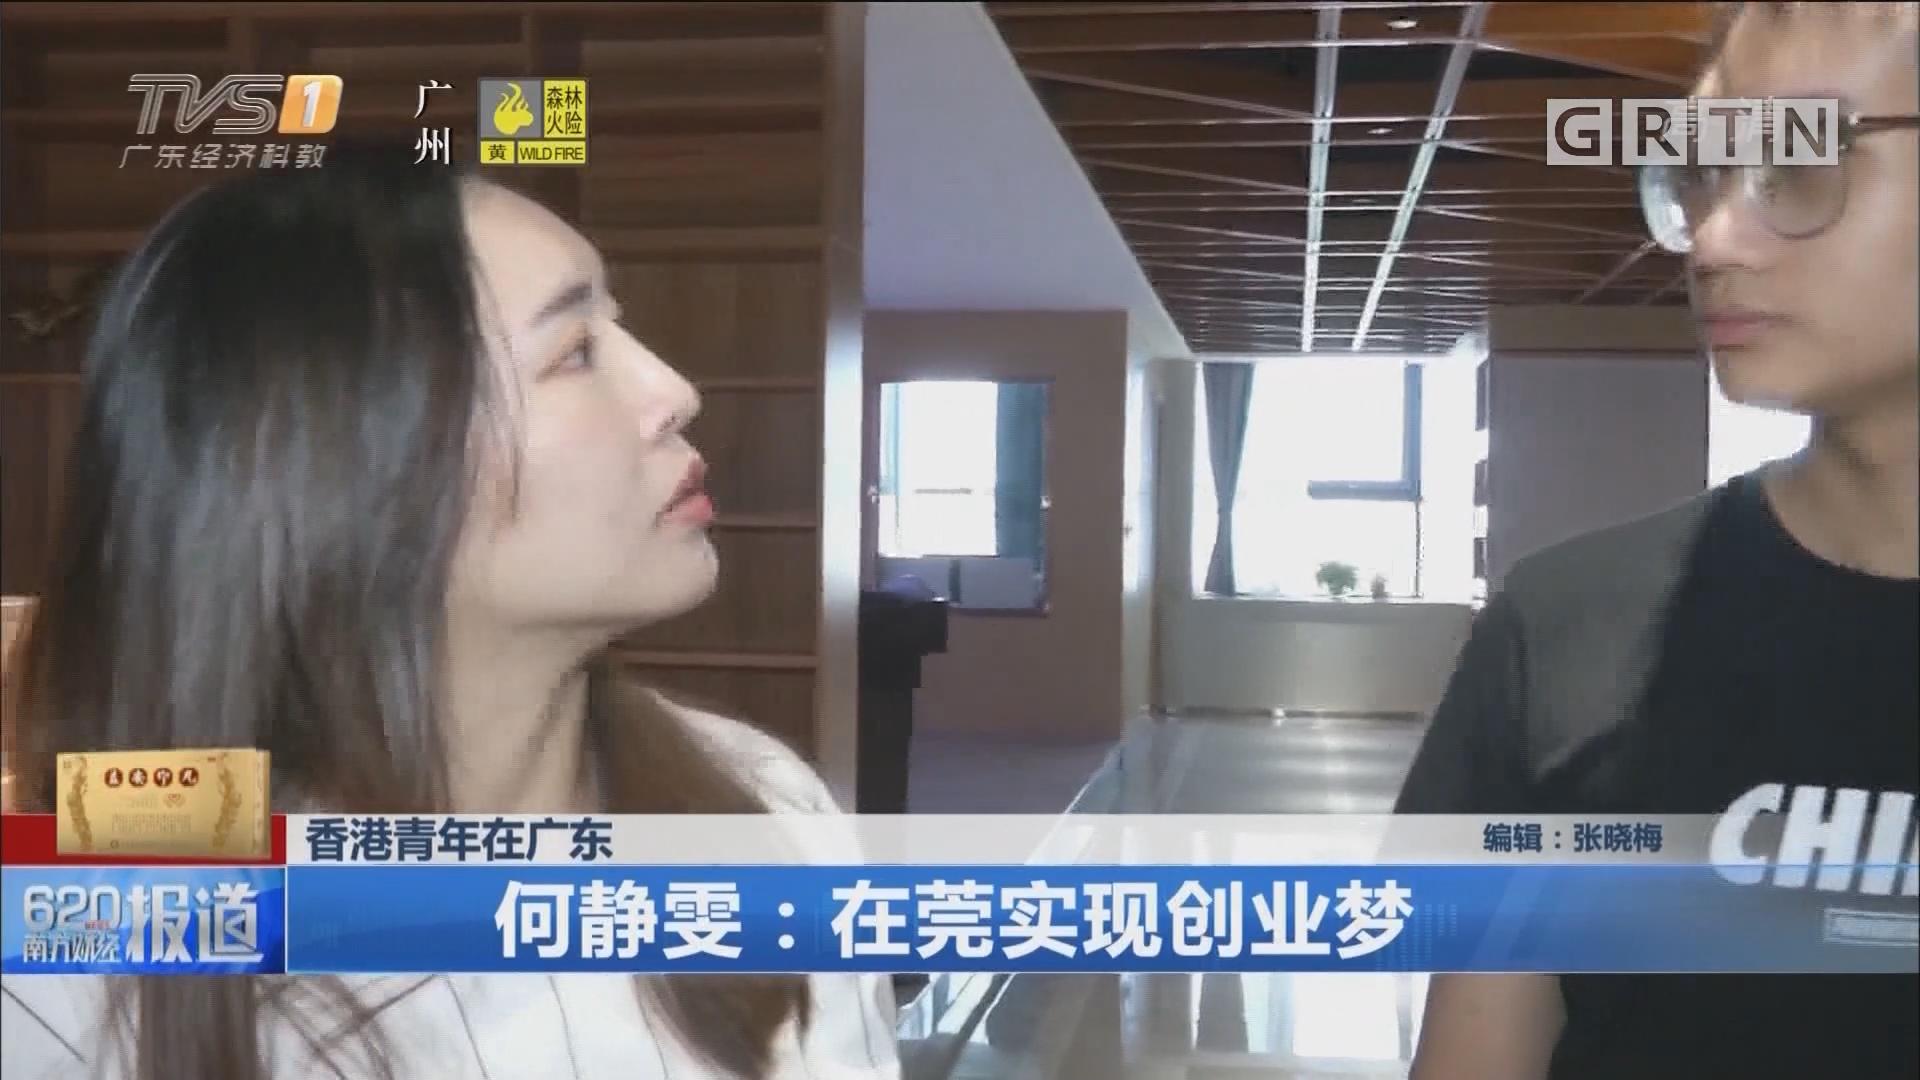 香港青年在广东 何静雯:在莞实现创业梦